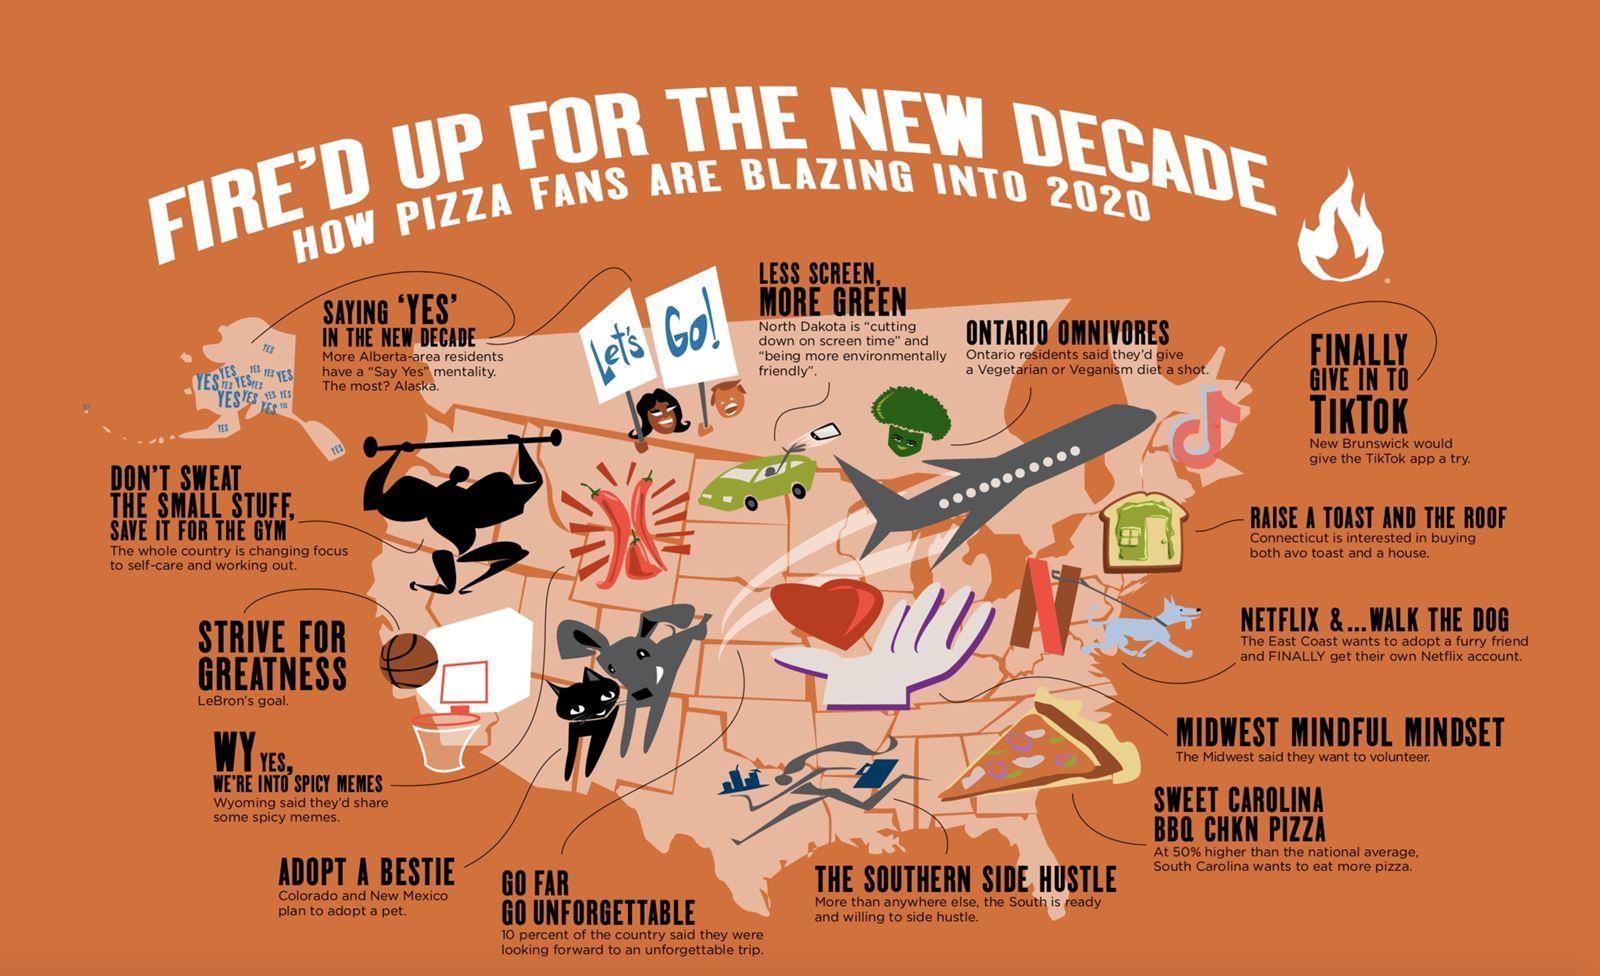 Blaze Fast-Fire'd Pizza Reveals How People Will Blaze in 2020